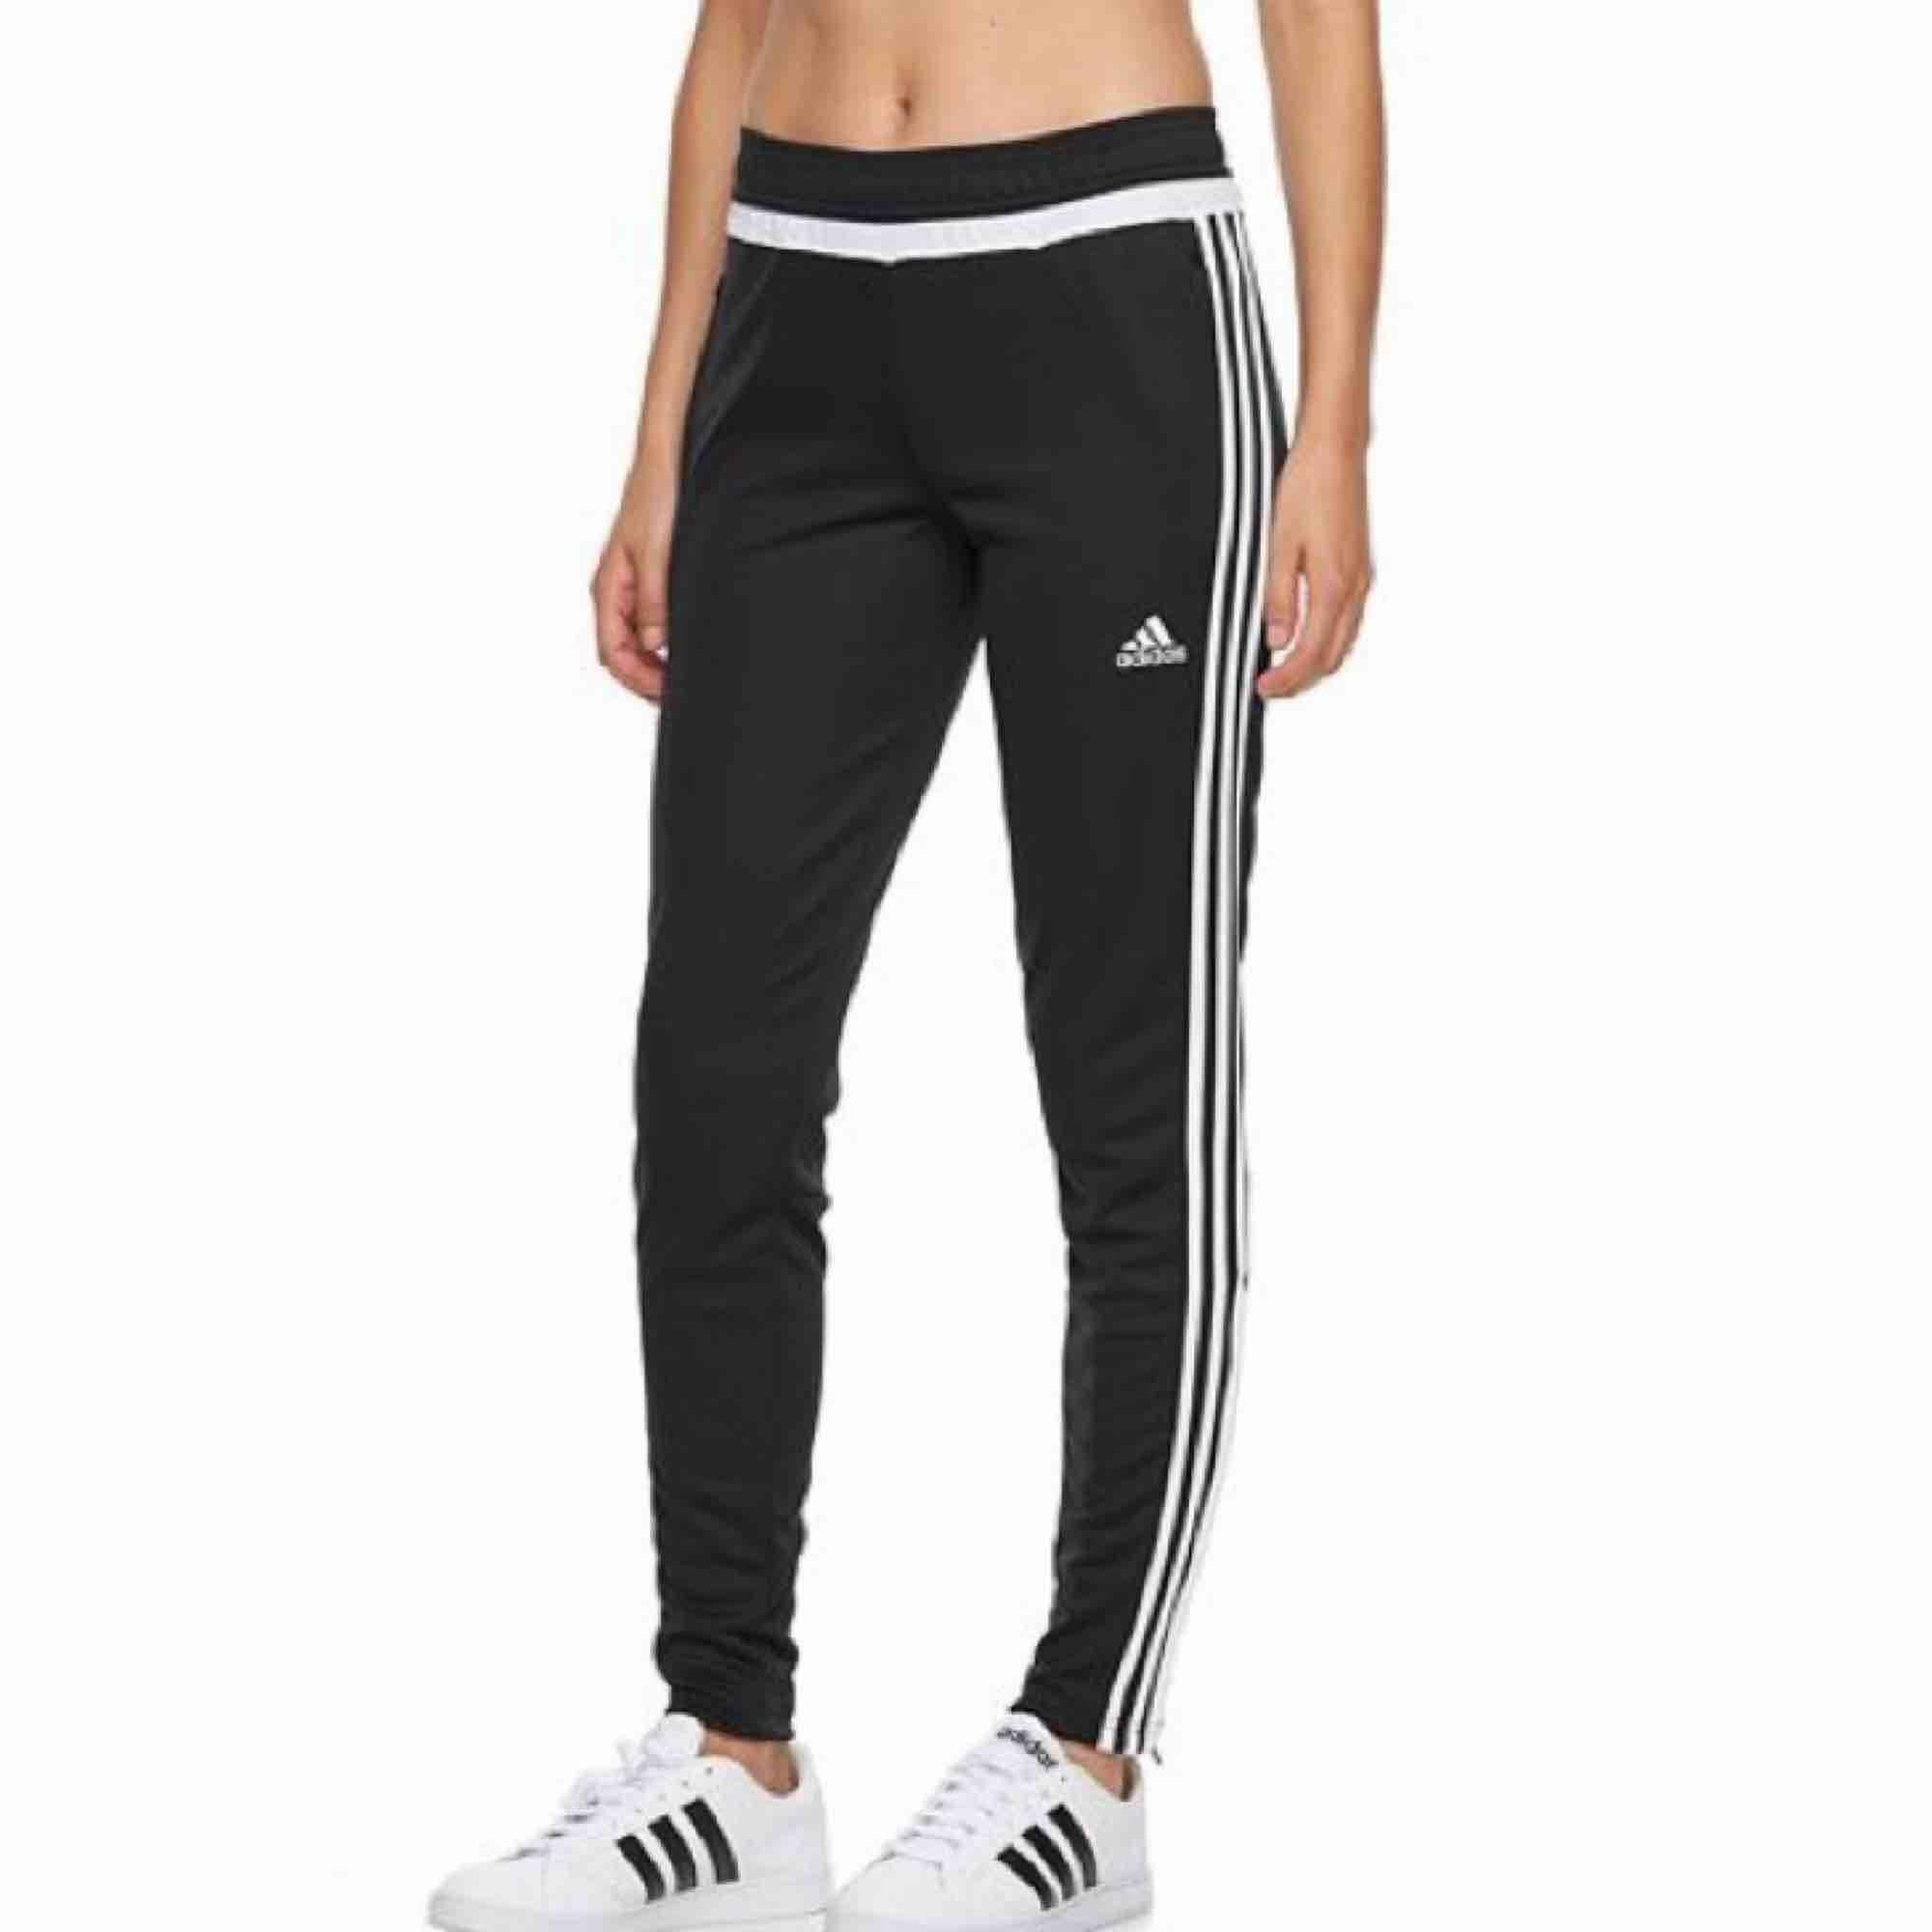 Adidas tiro 15 track pants. Använda 1 gång, storlek S. Frakt på 54kr tillkommer! :) . Jeans & Byxor.